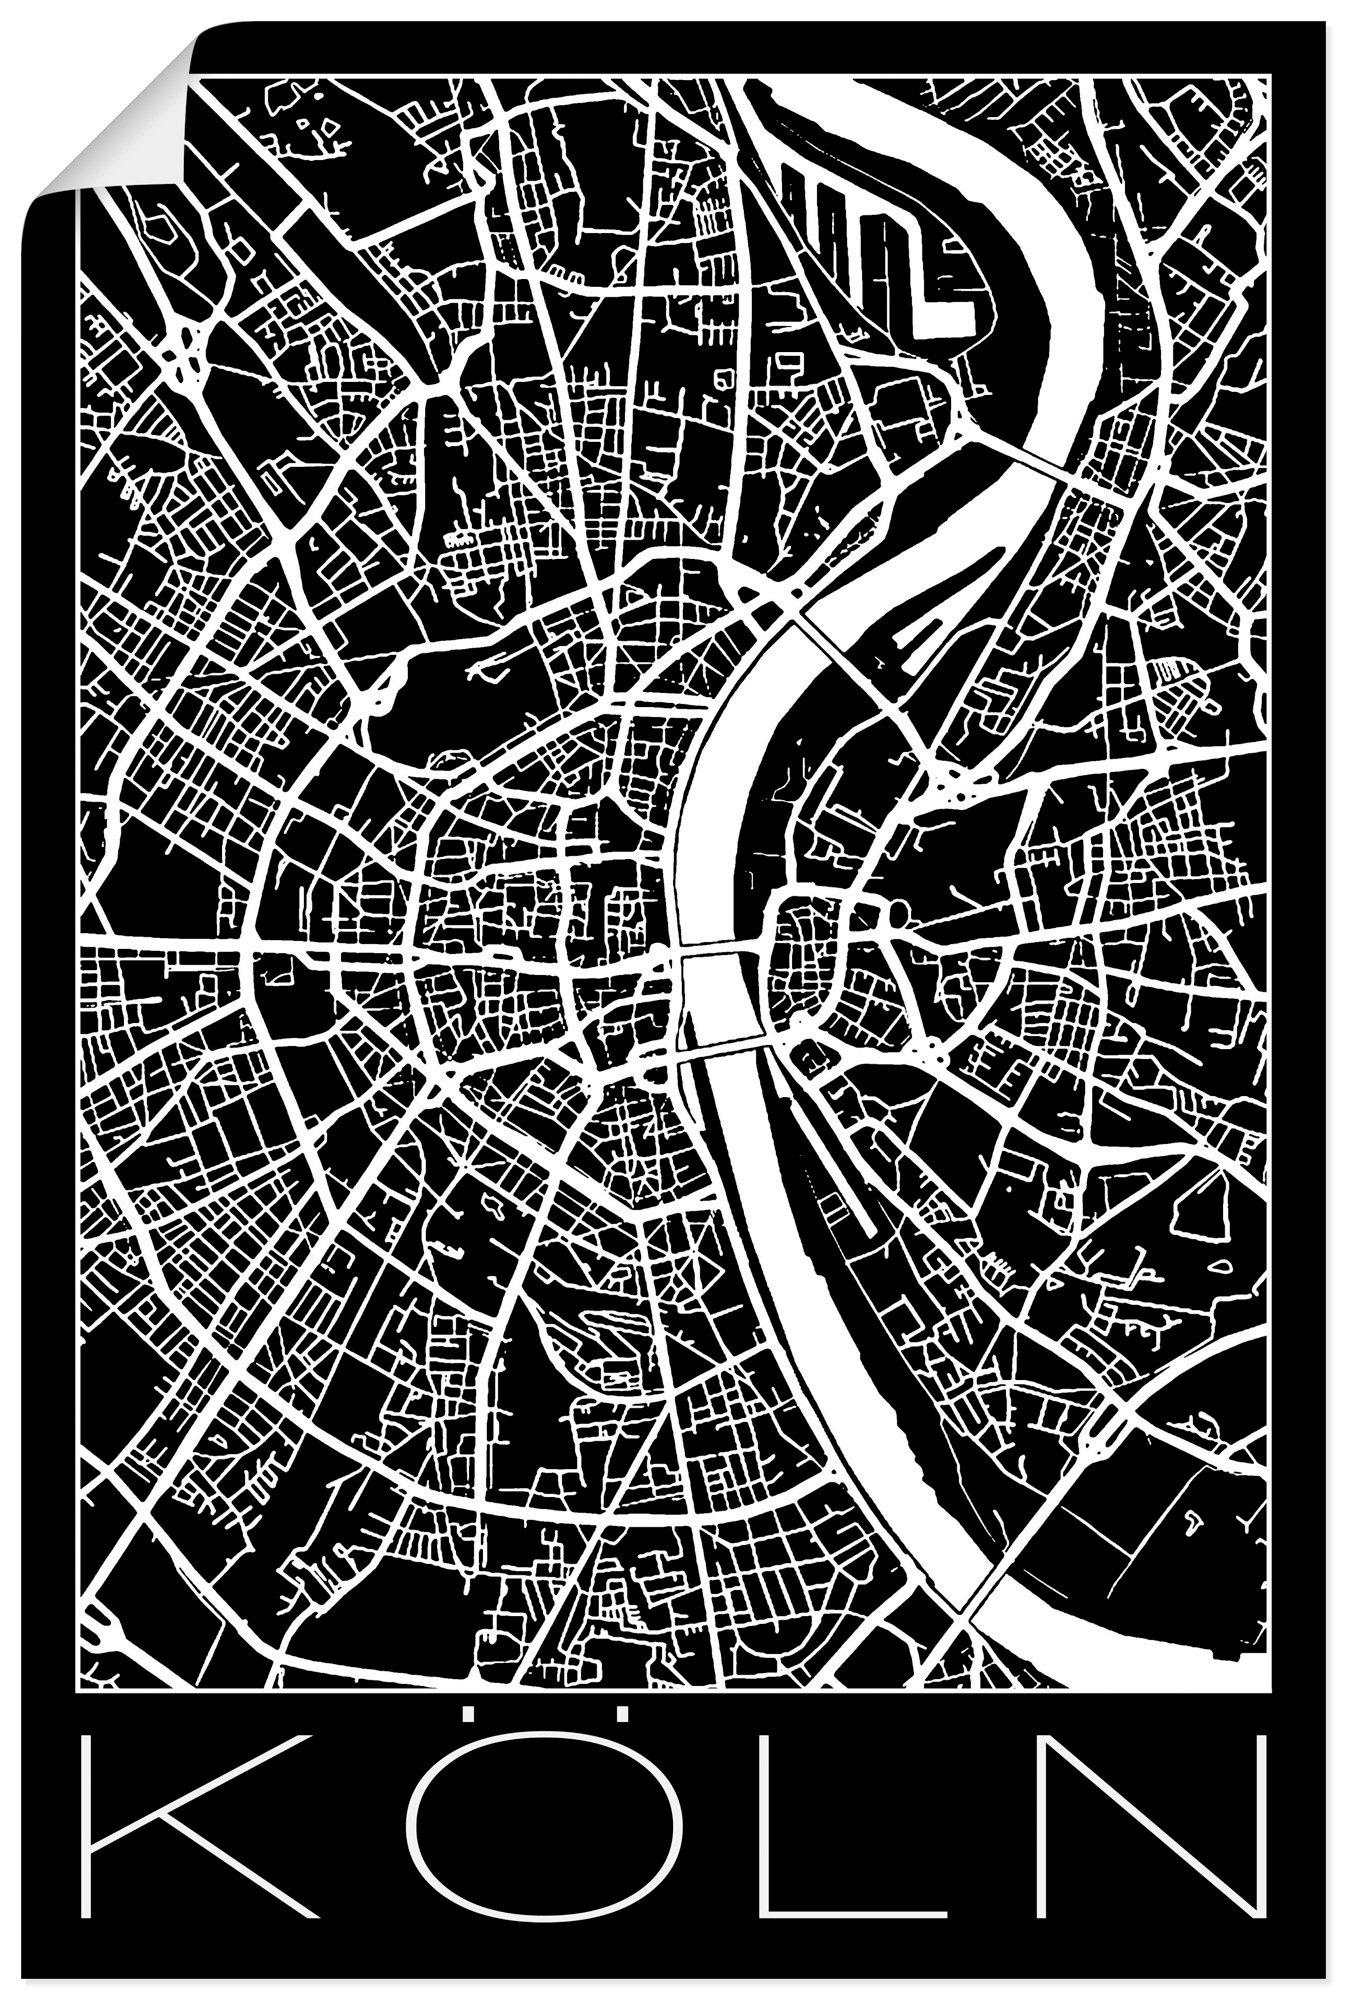 Artland artprint Retro kaart Keulen Duitsland zwart in vele afmetingen & productsoorten - artprint van aluminium / artprint voor buiten, artprint op linnen, poster, muursticker / wandfolie ook geschikt voor de badkamer (1 stuk) bij OTTO online kopen